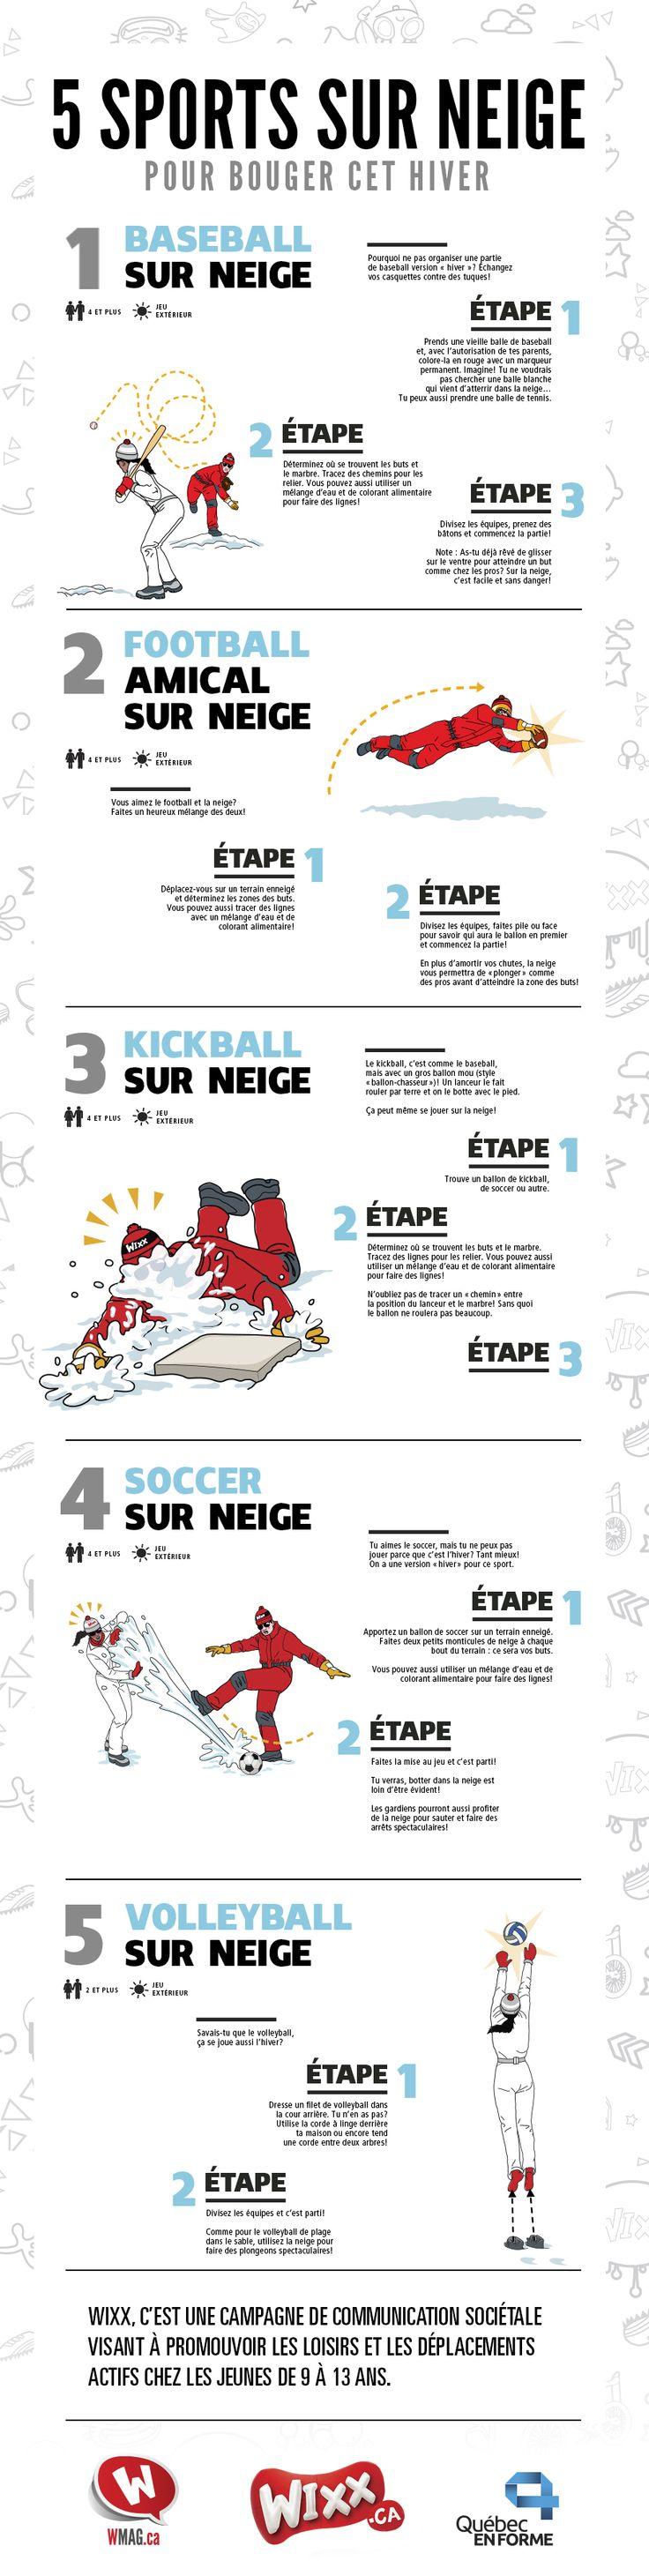 Jeux d'hiver: 5 sports à faire sur neige | WIXXMAG